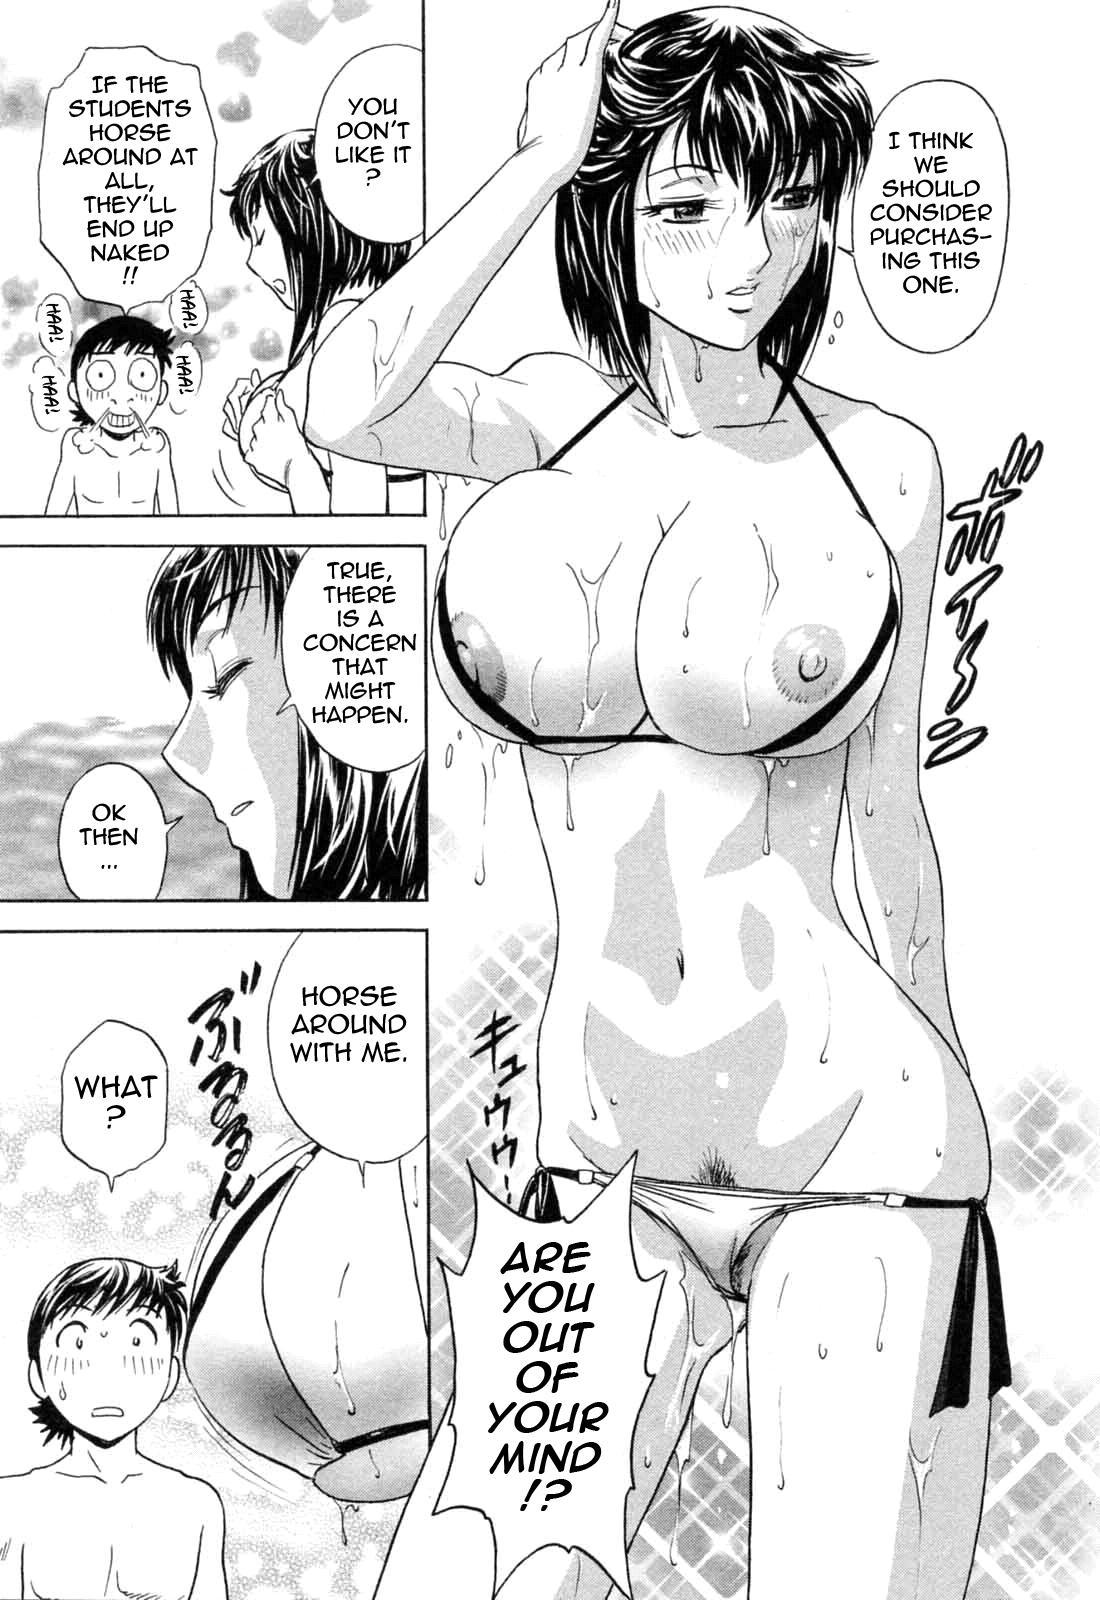 [Hidemaru] Mo-Retsu! Boin Sensei (Boing Boing Teacher) Vol.5 [English] [4dawgz] [Tadanohito] 124